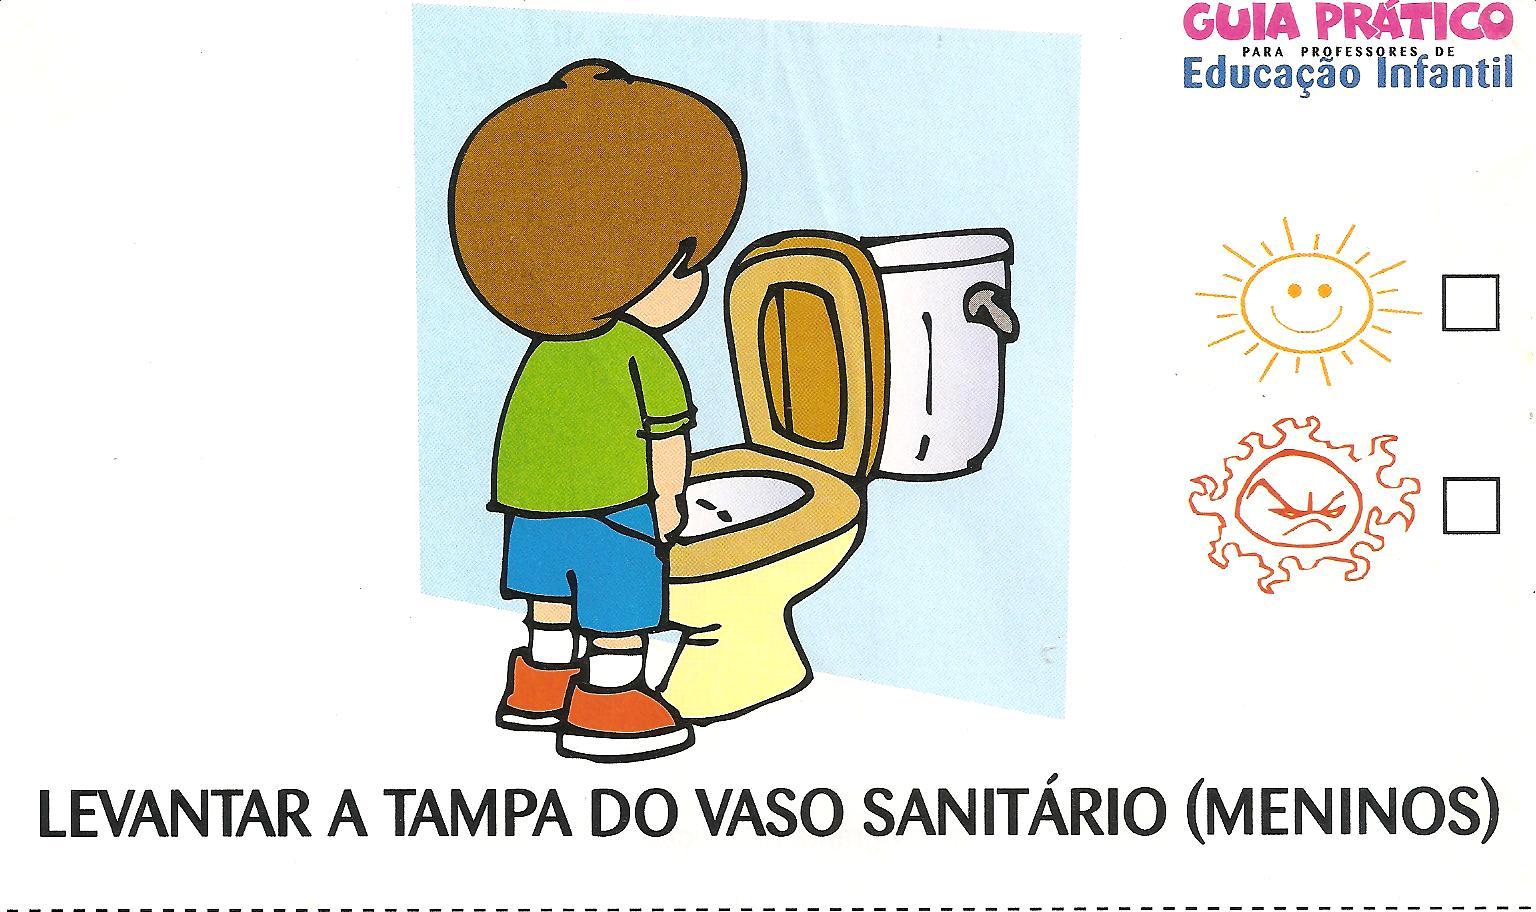 #8AB516 Regras para ida ao banheiro 1536x912 px Banheiro Para Deficiente Regras 2545